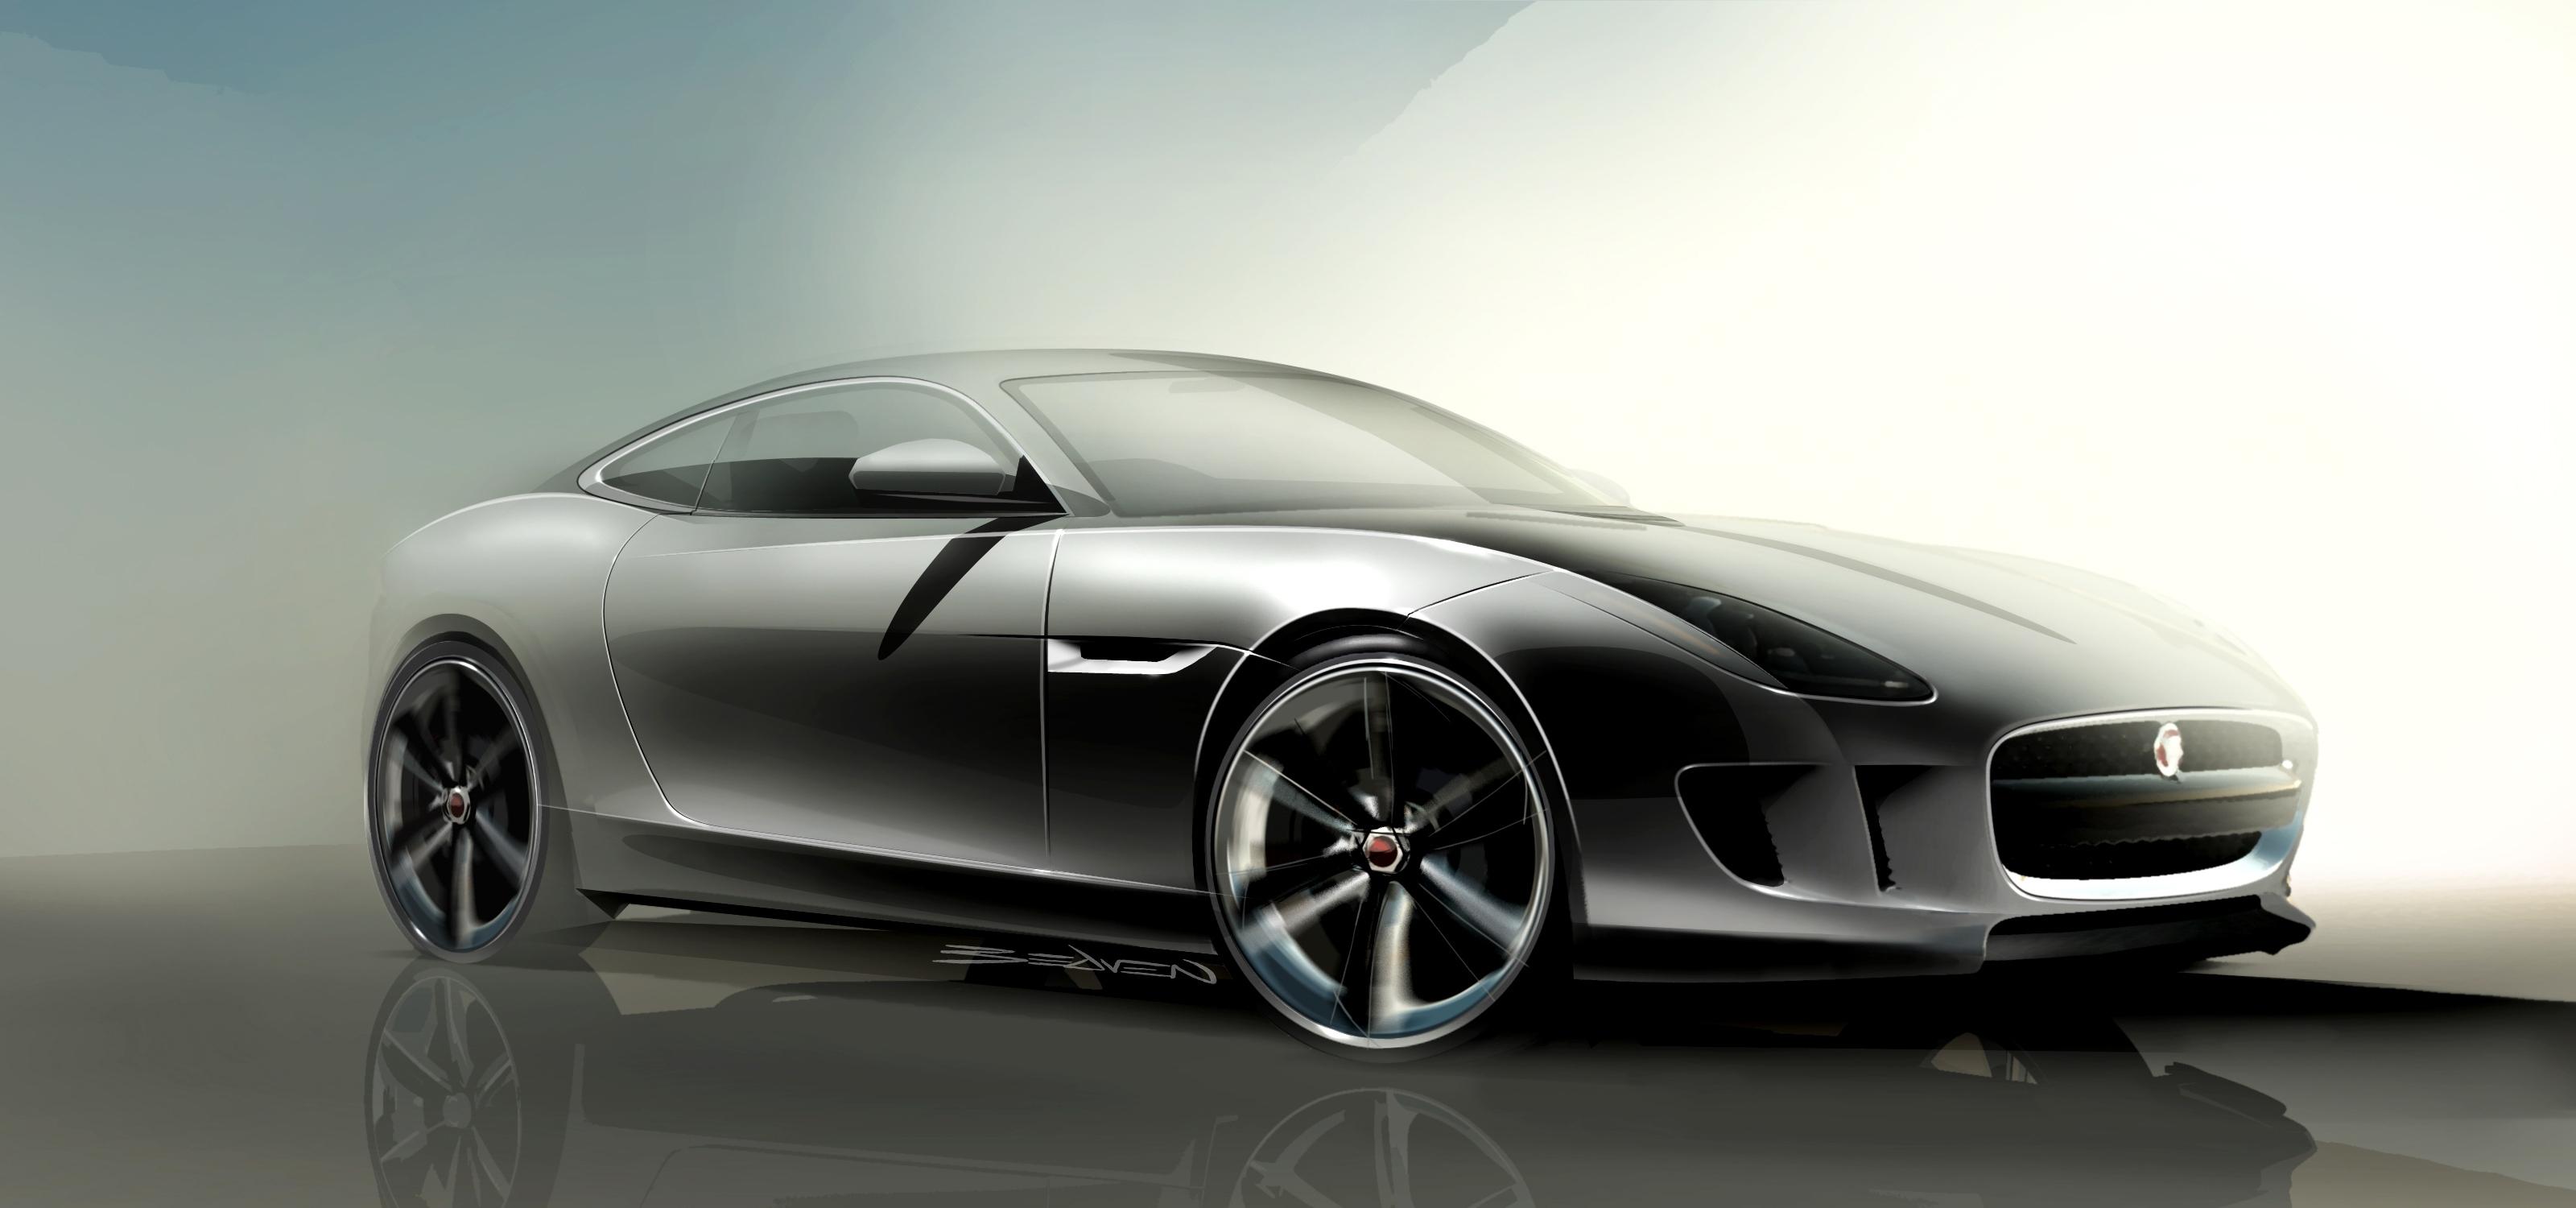 jaguar c x16 background